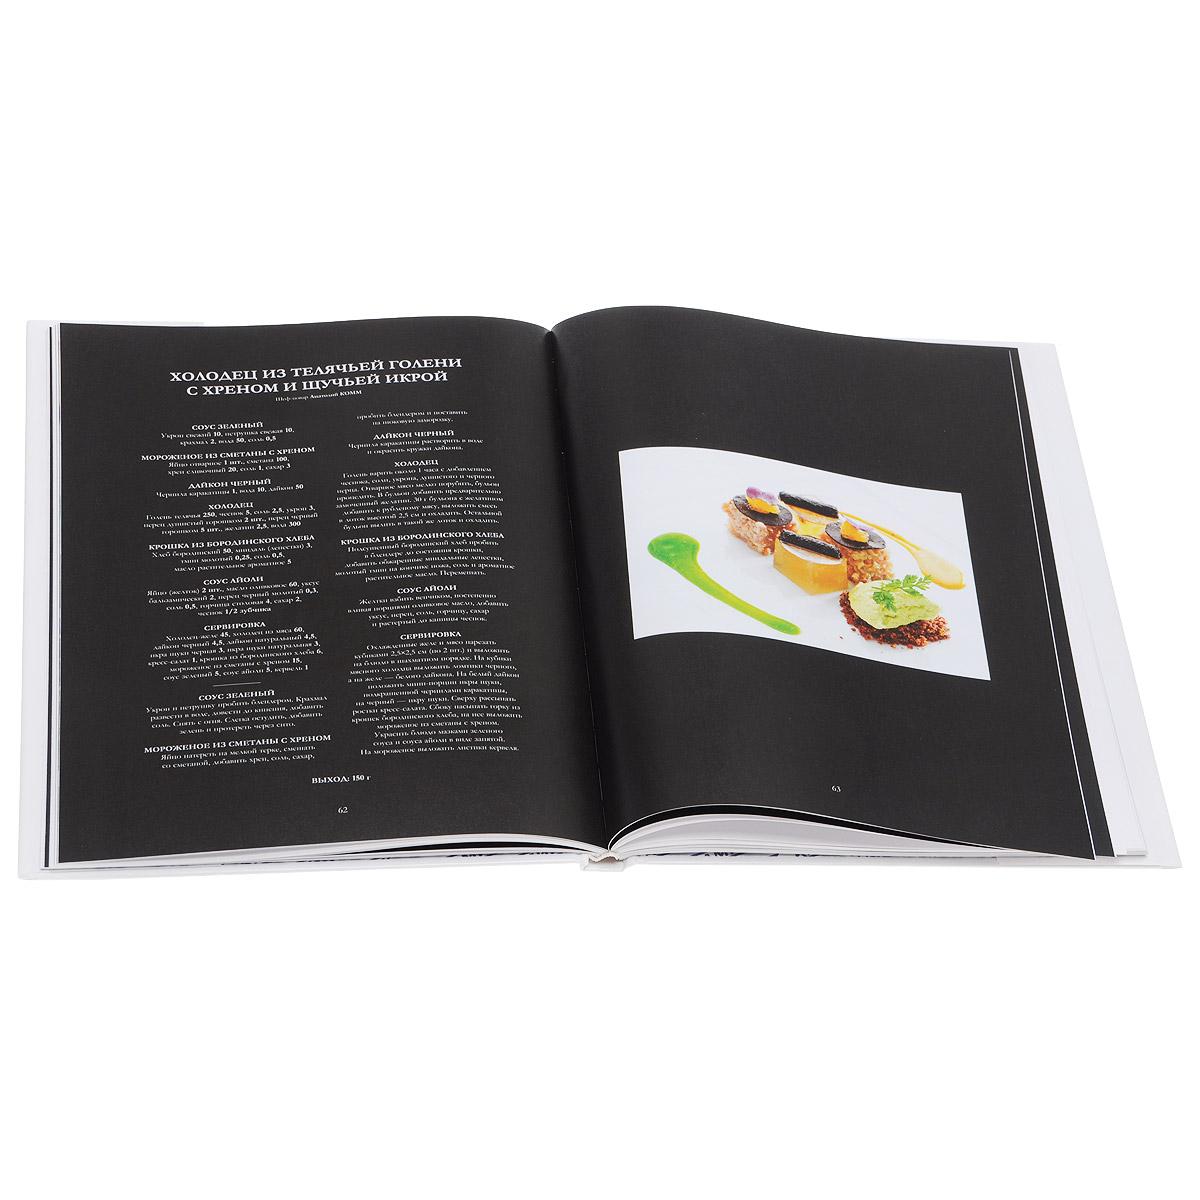 Мясо. Галерея современного кулинарного искусства